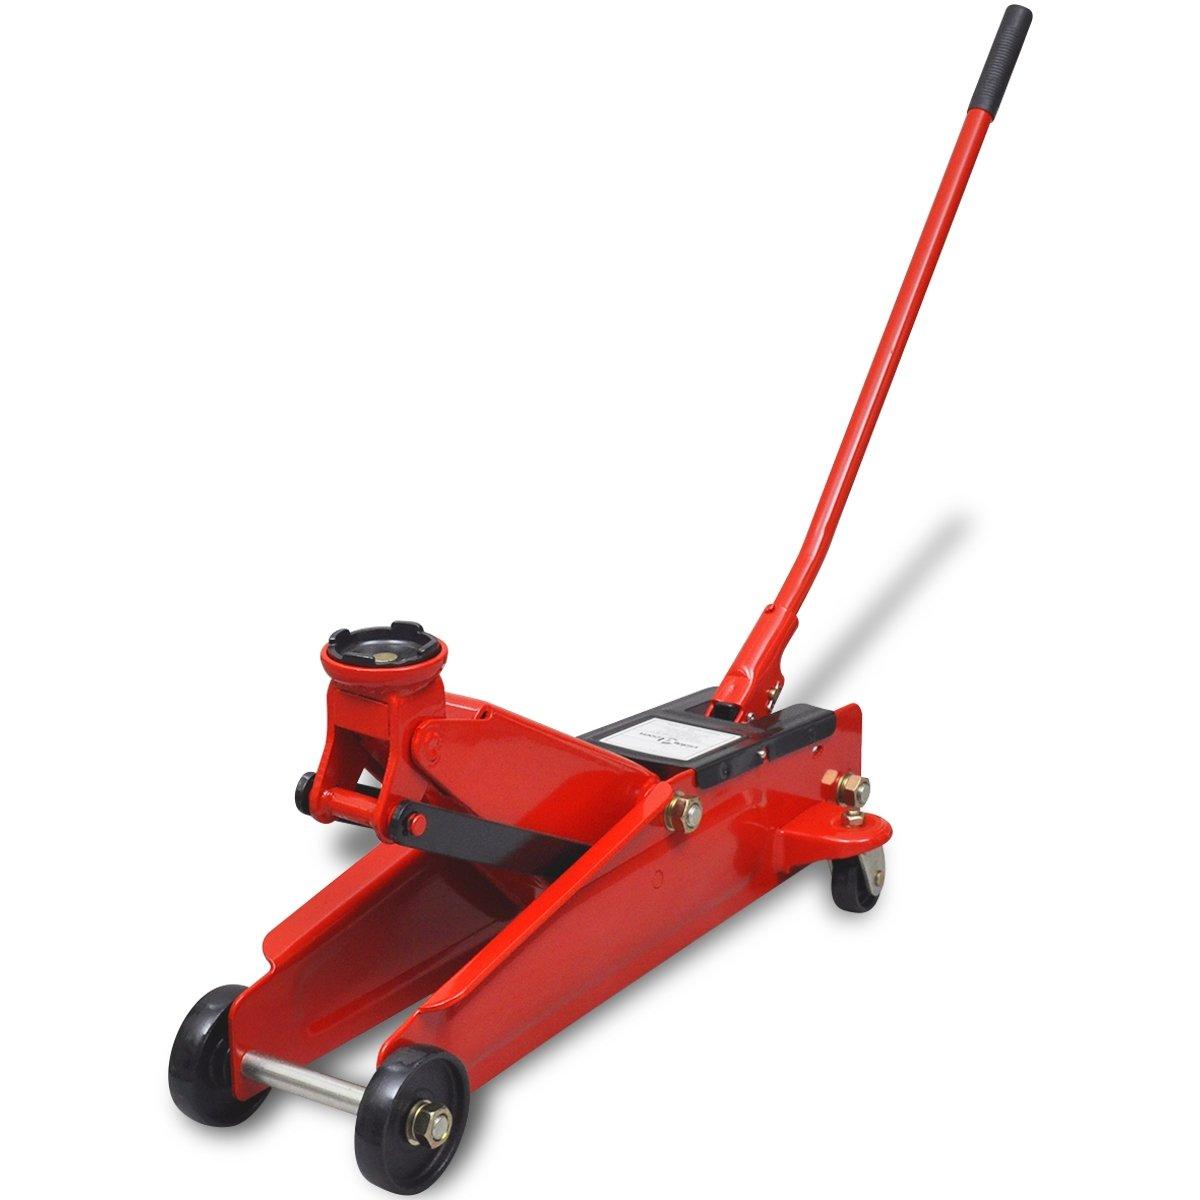 vidaXL Cric rouleur hydraulique Taille Basse 3 Tonnes Rouge pour ateliers garages